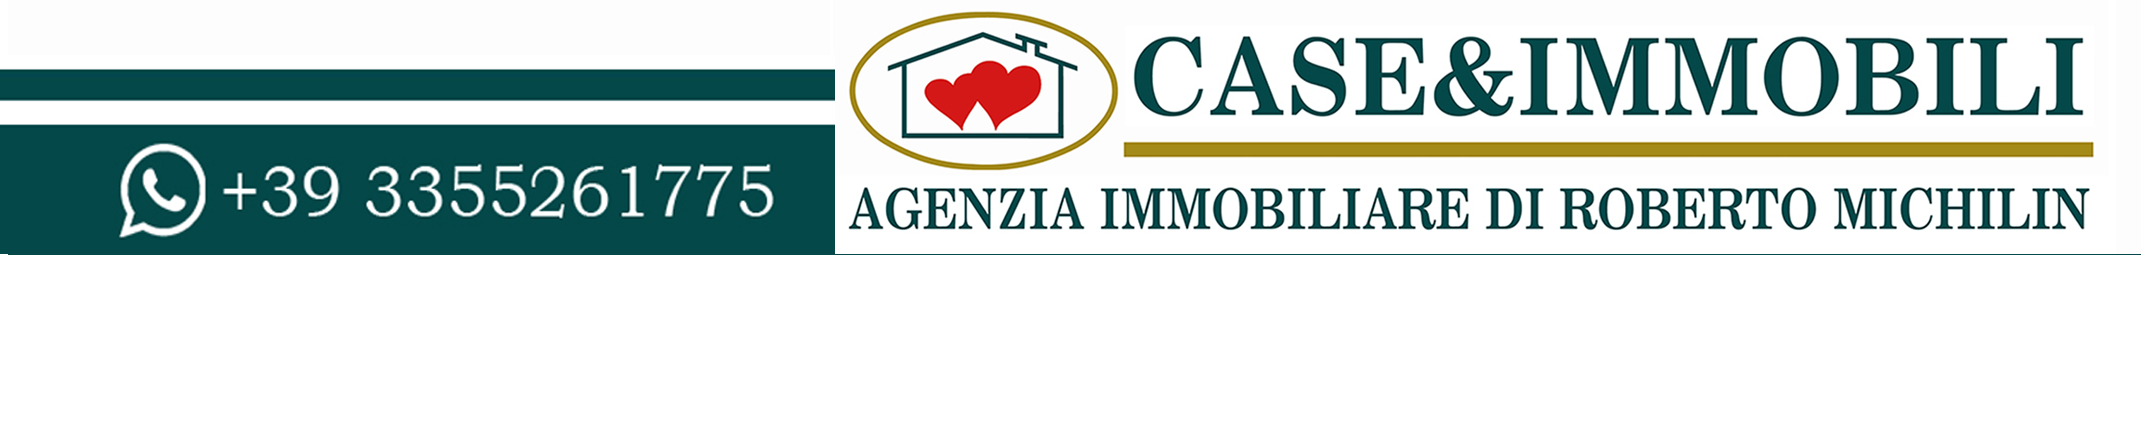 Case & Immobili